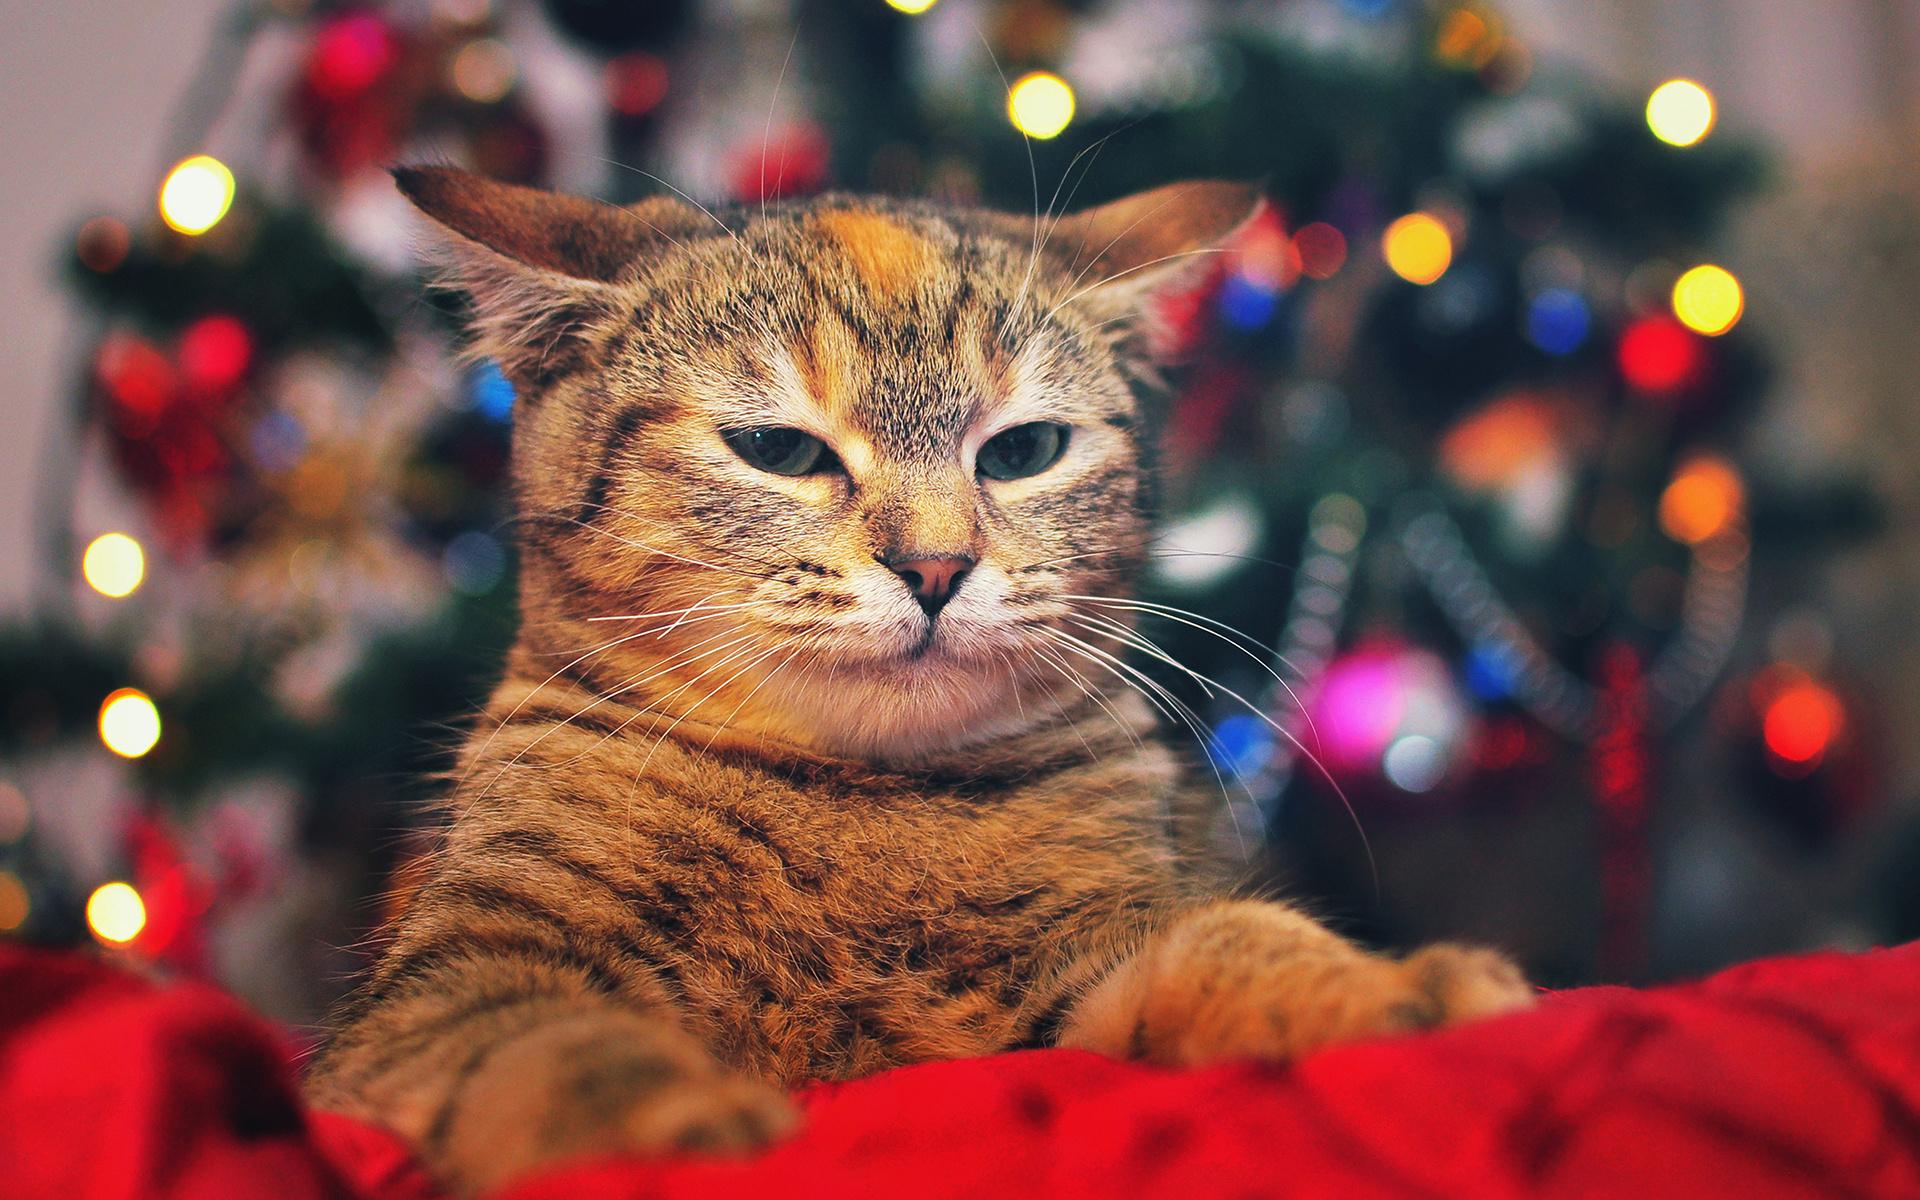 очень новогодние фотографии с кошками стояла